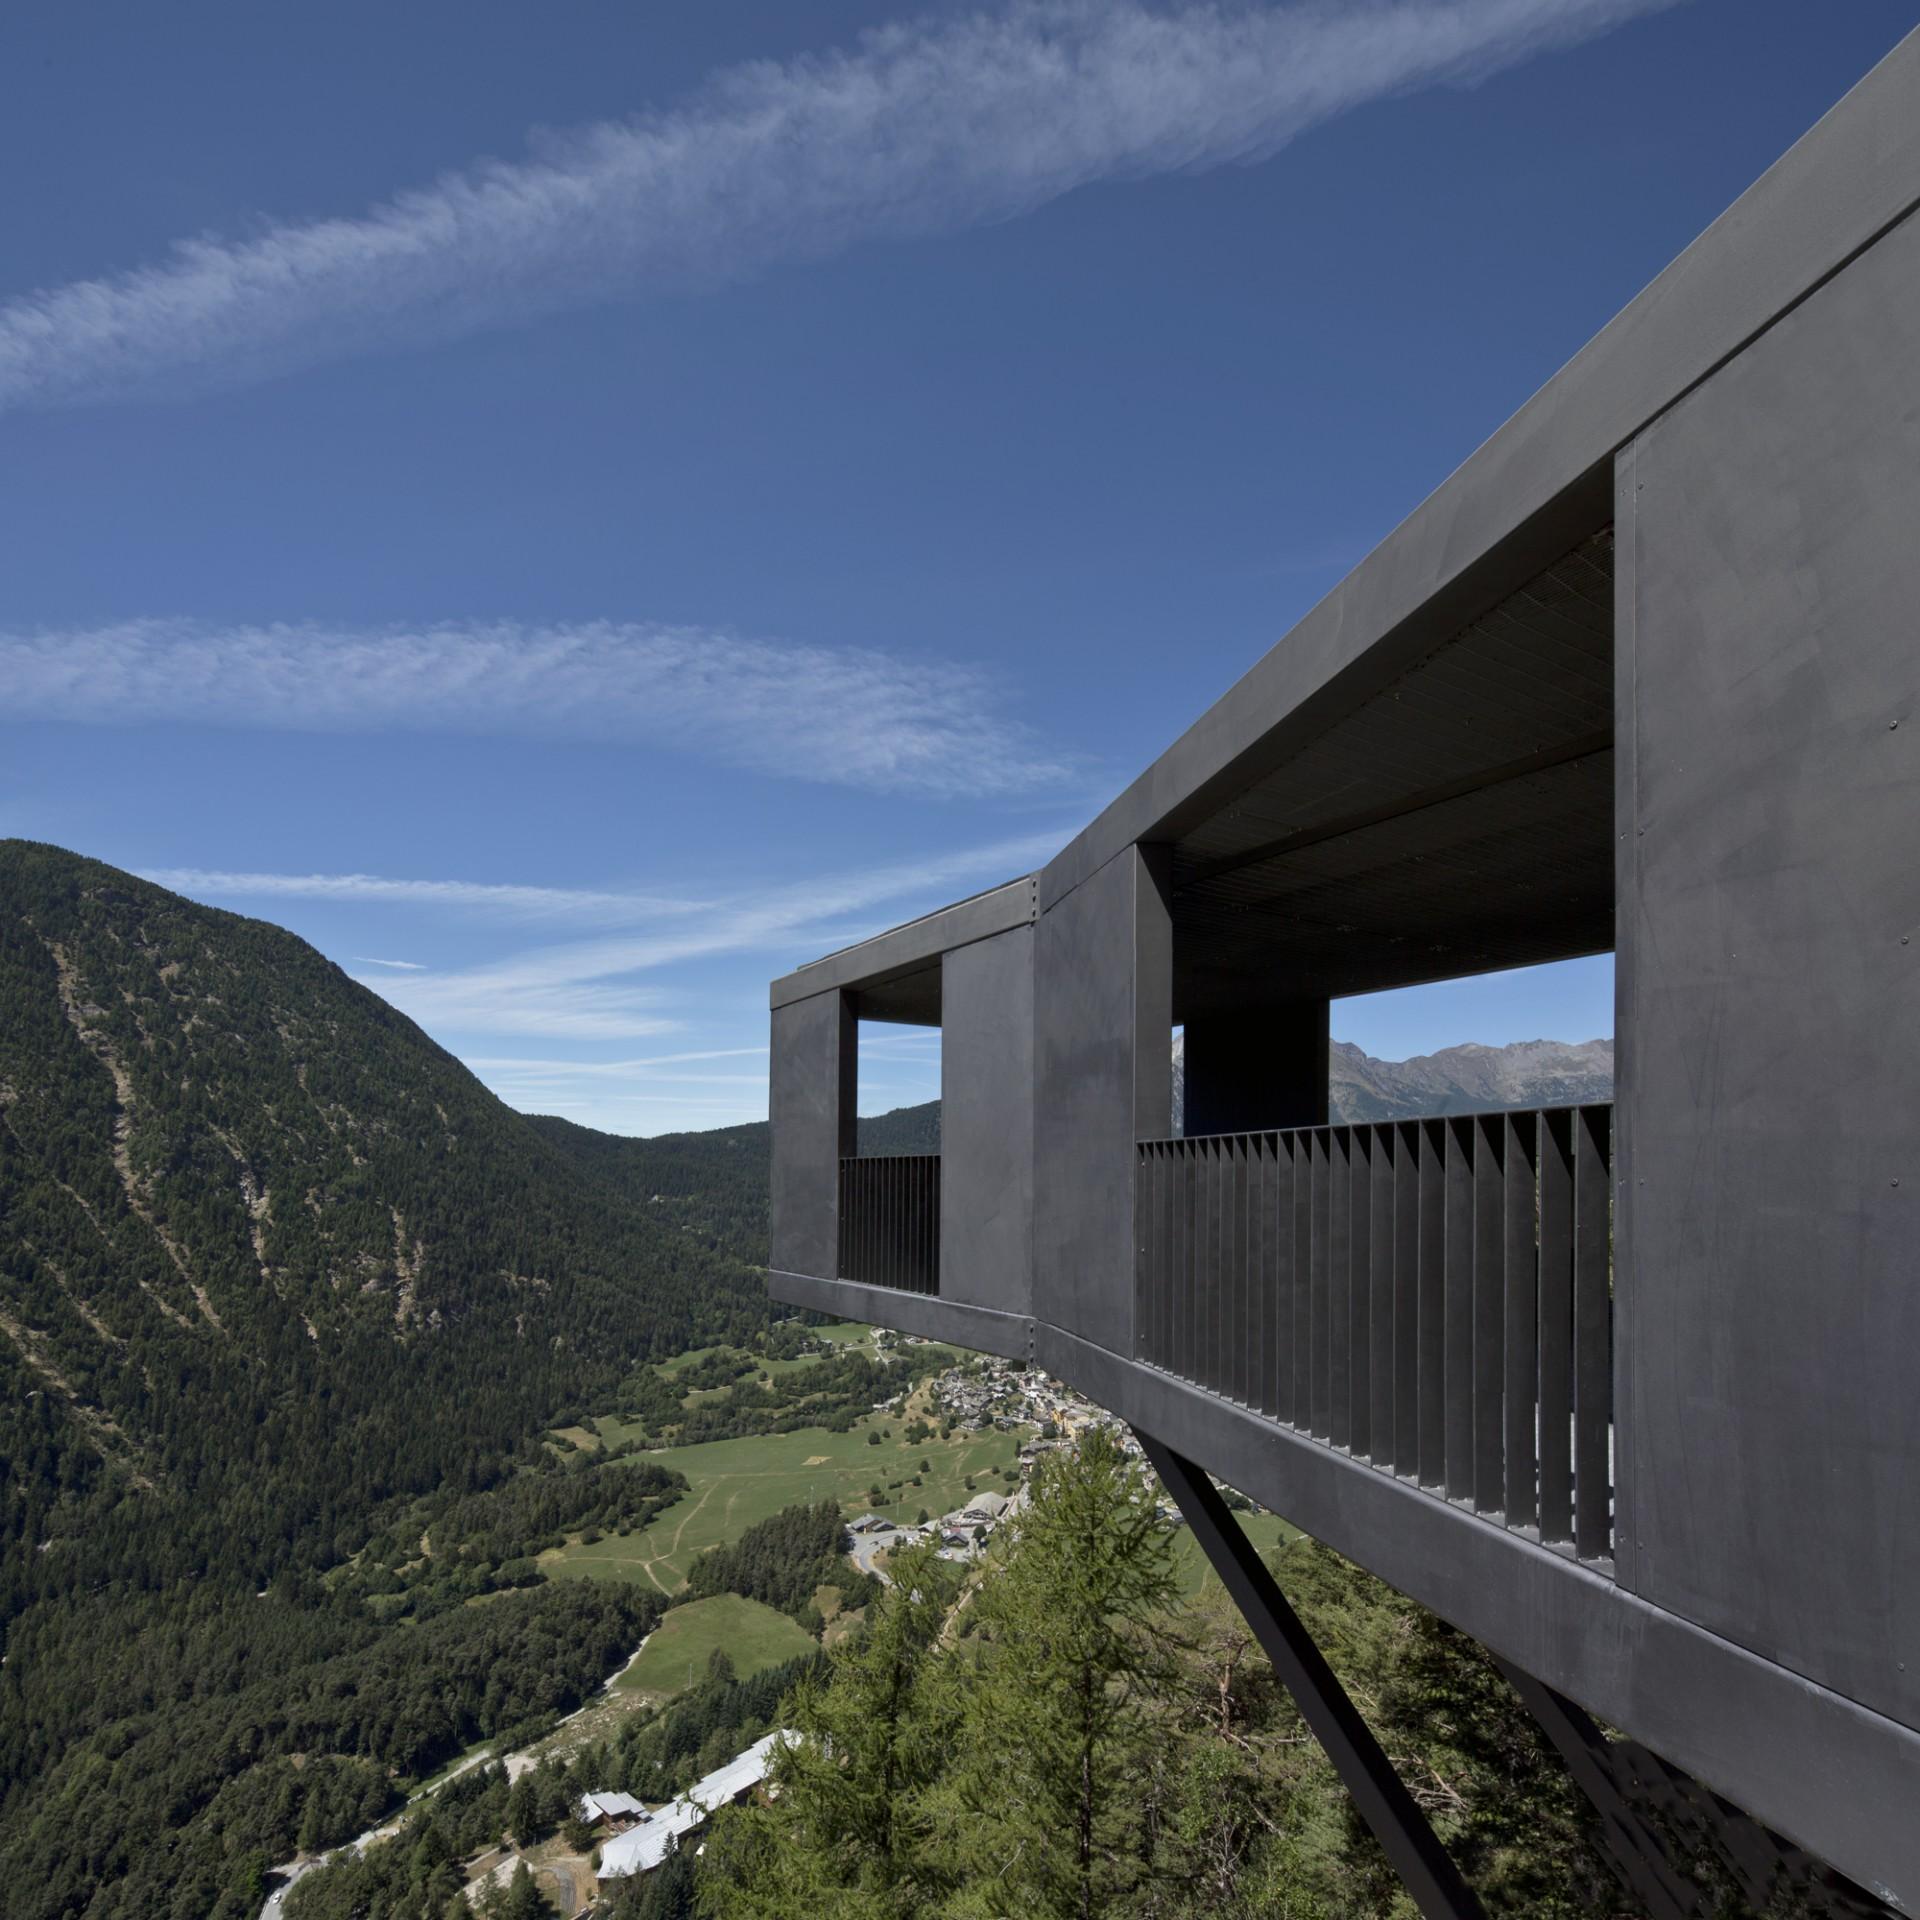 Rassegna Architettura Arco Alpino exhibition and award